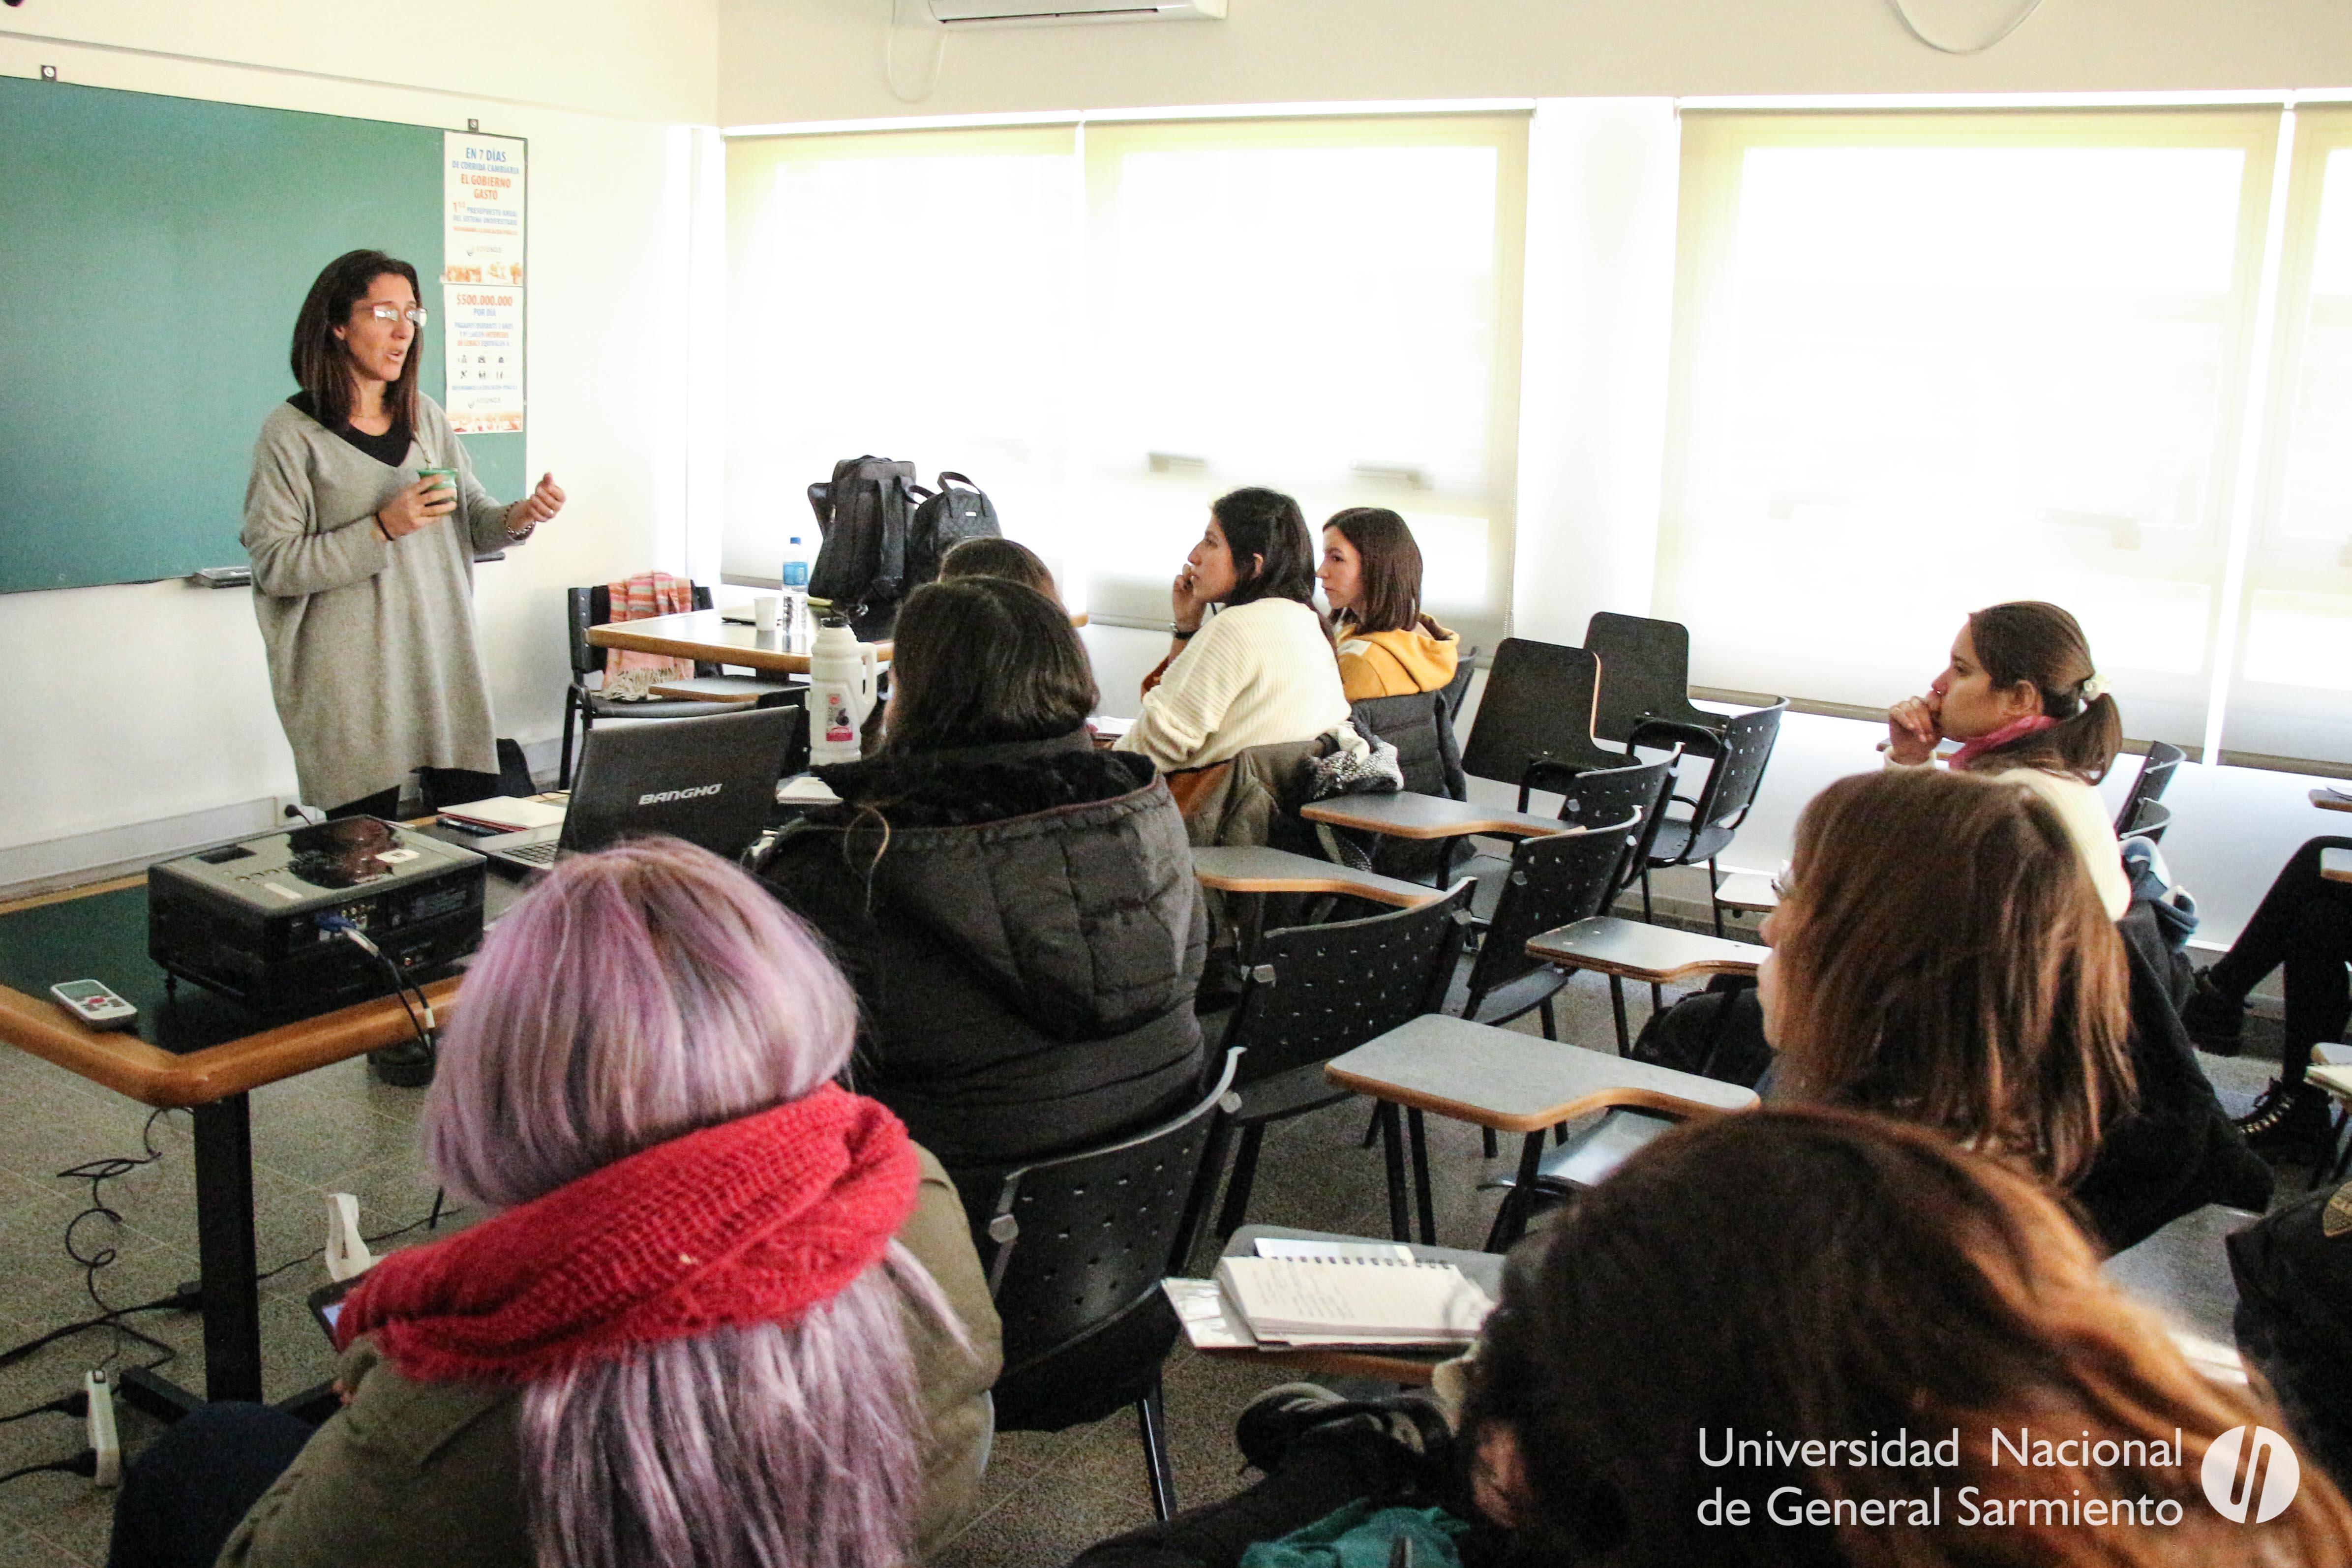 Reseña del taller Gramática en Lengua y lengua en la escuela